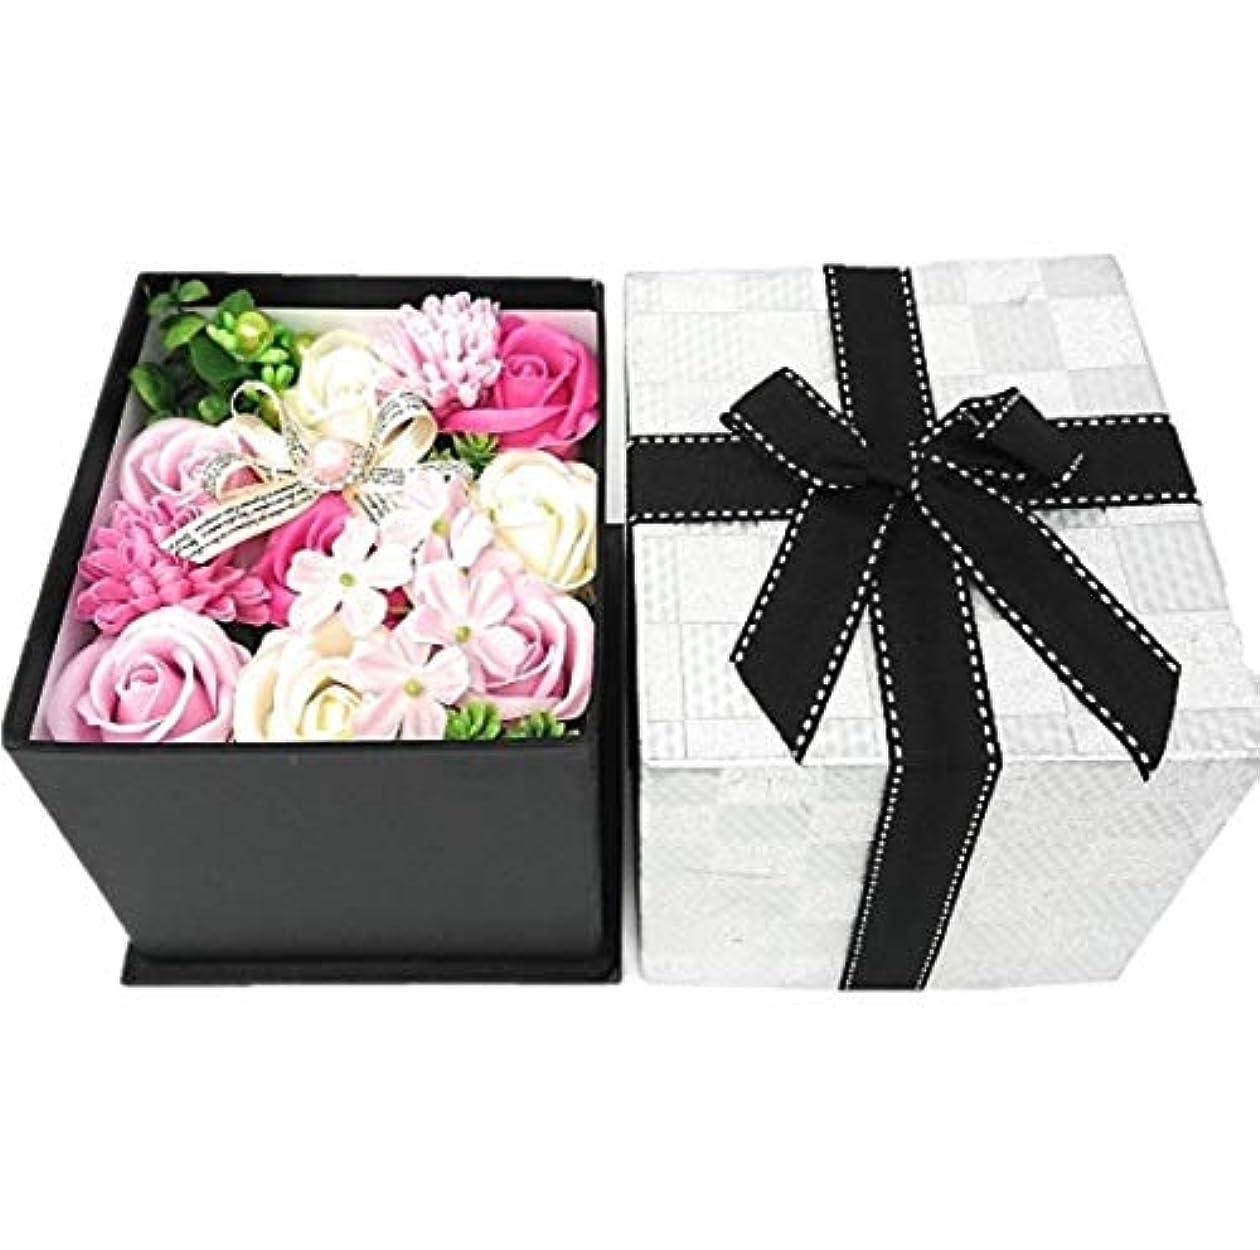 エンゲージメントペレットコークスクルール バスフレグランス バスフラワー BOX L ピンク 入浴剤 ギフト